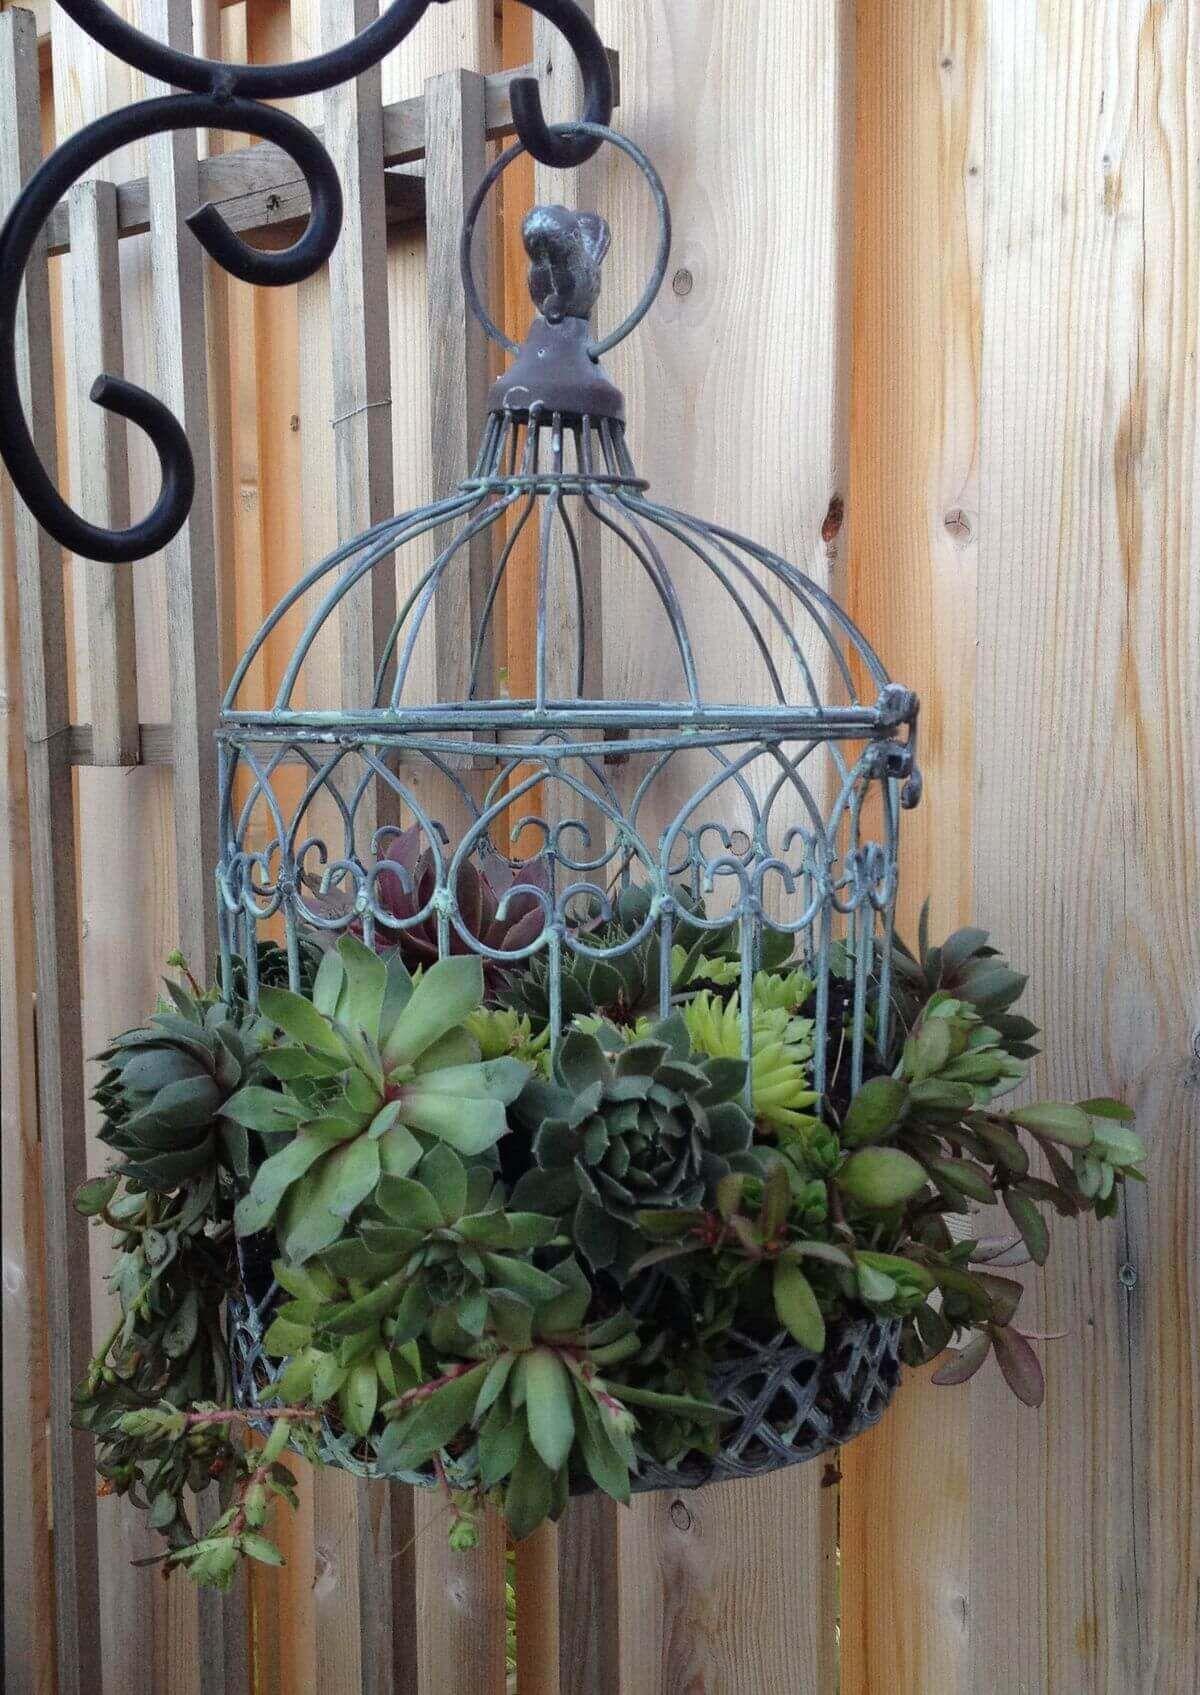 45 bezaubernde Outdoor-Hängepflanzer-Ideen, die Ihren Garten aufhellen – Hause Dekore